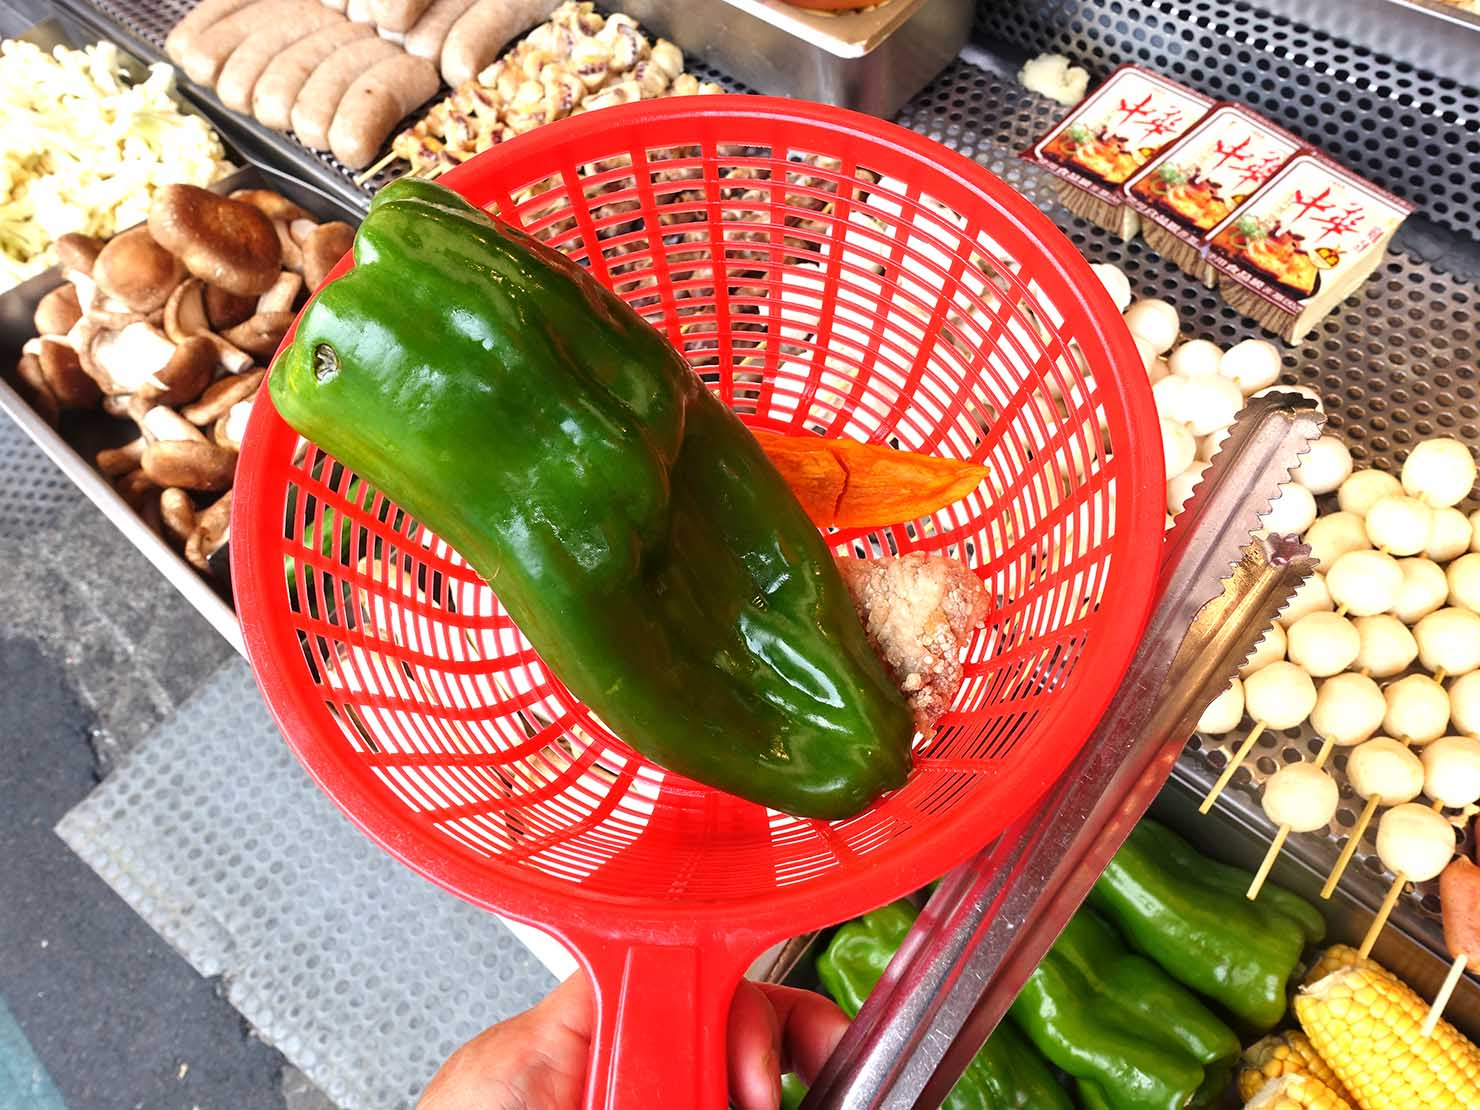 台北・師大夜市のおすすめ台湾グルメ店「師園鹹酥雞」のオーダーの仕方